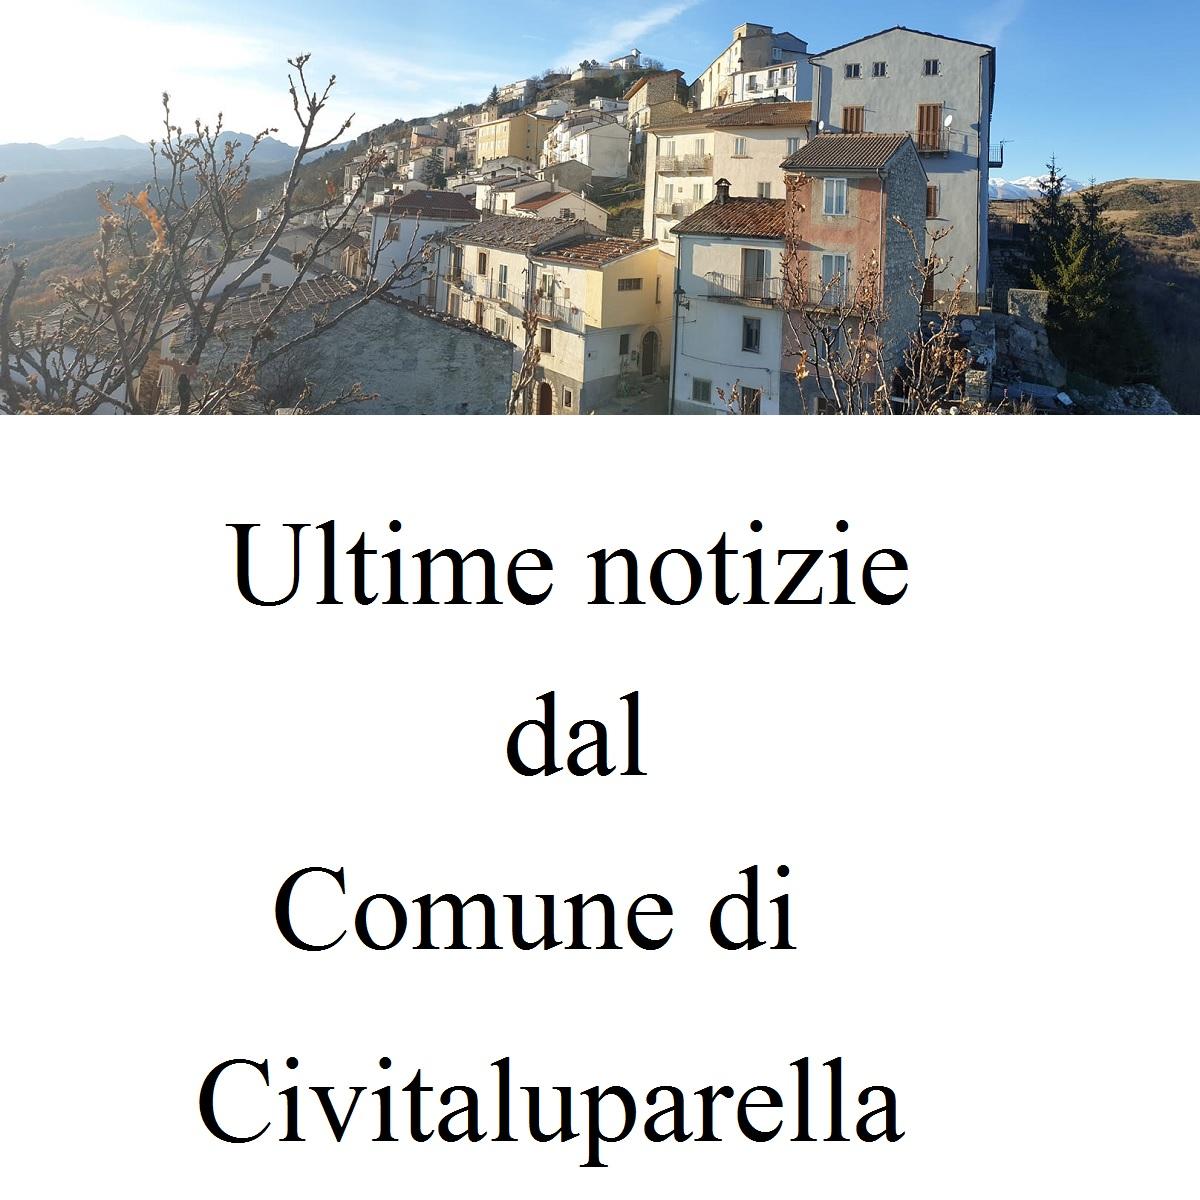 Ultime notizie dal Comune di Civitaluparella foto